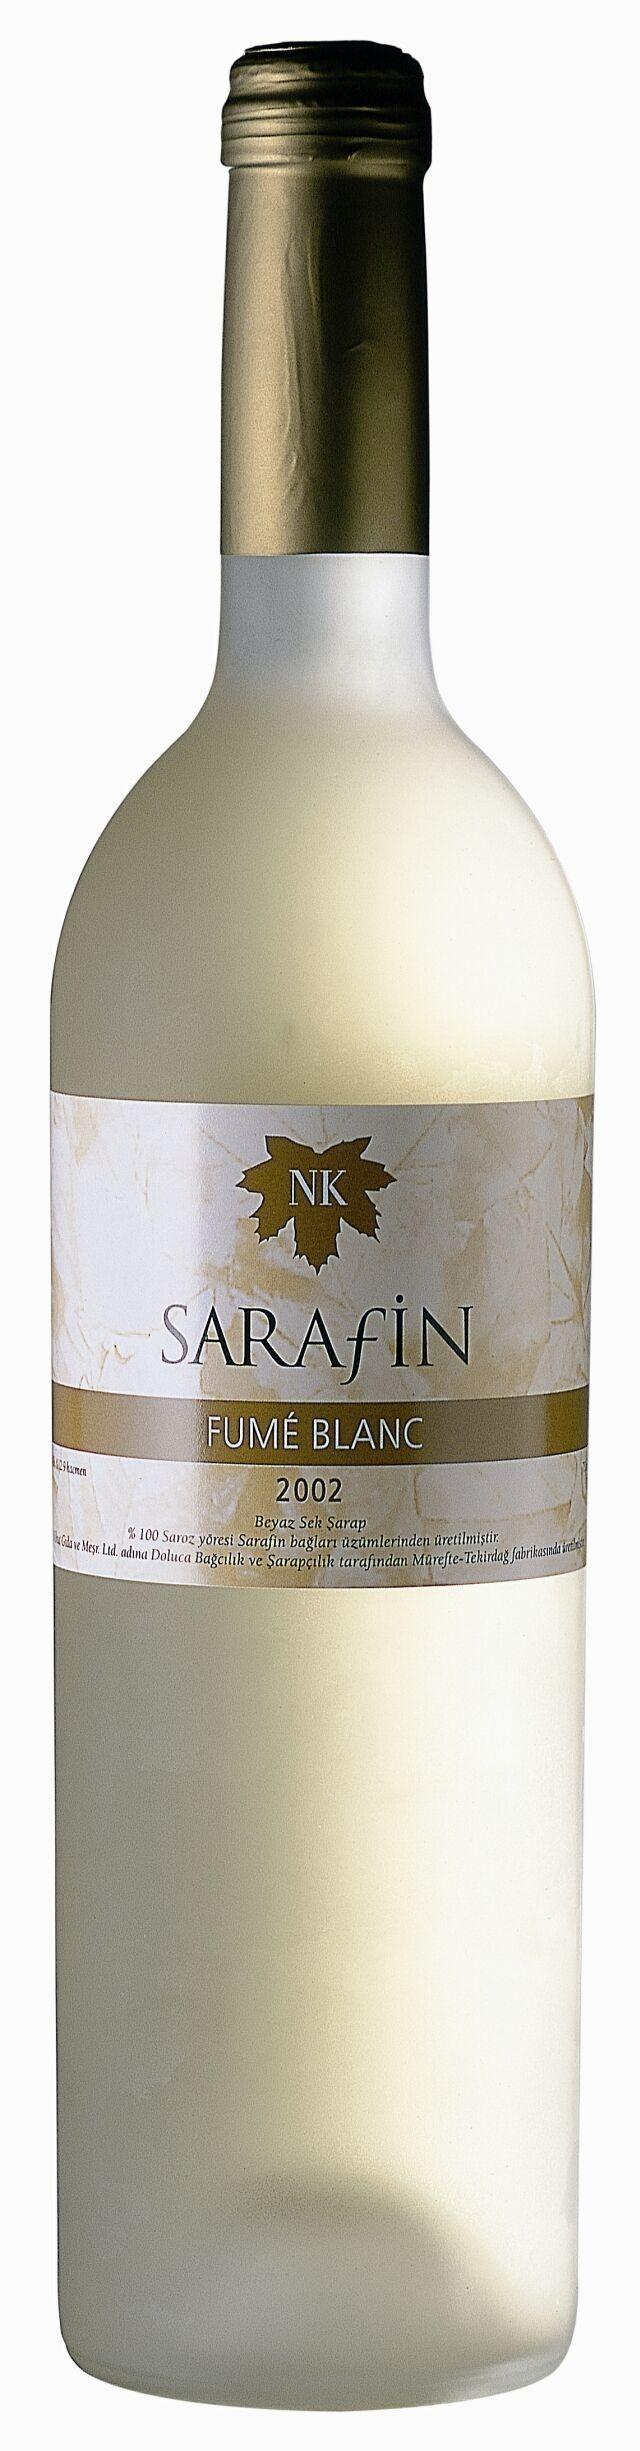 Best Turkish White Wine: Sarafin Fume Blanc by Doluca Wine